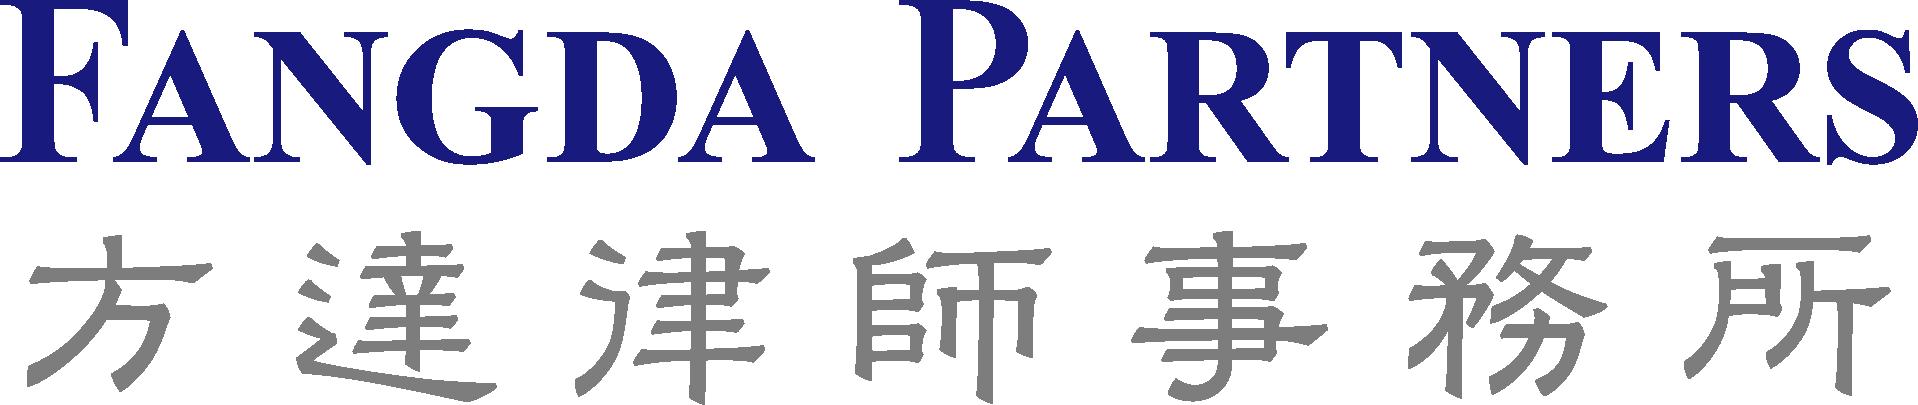 Fangda Partners